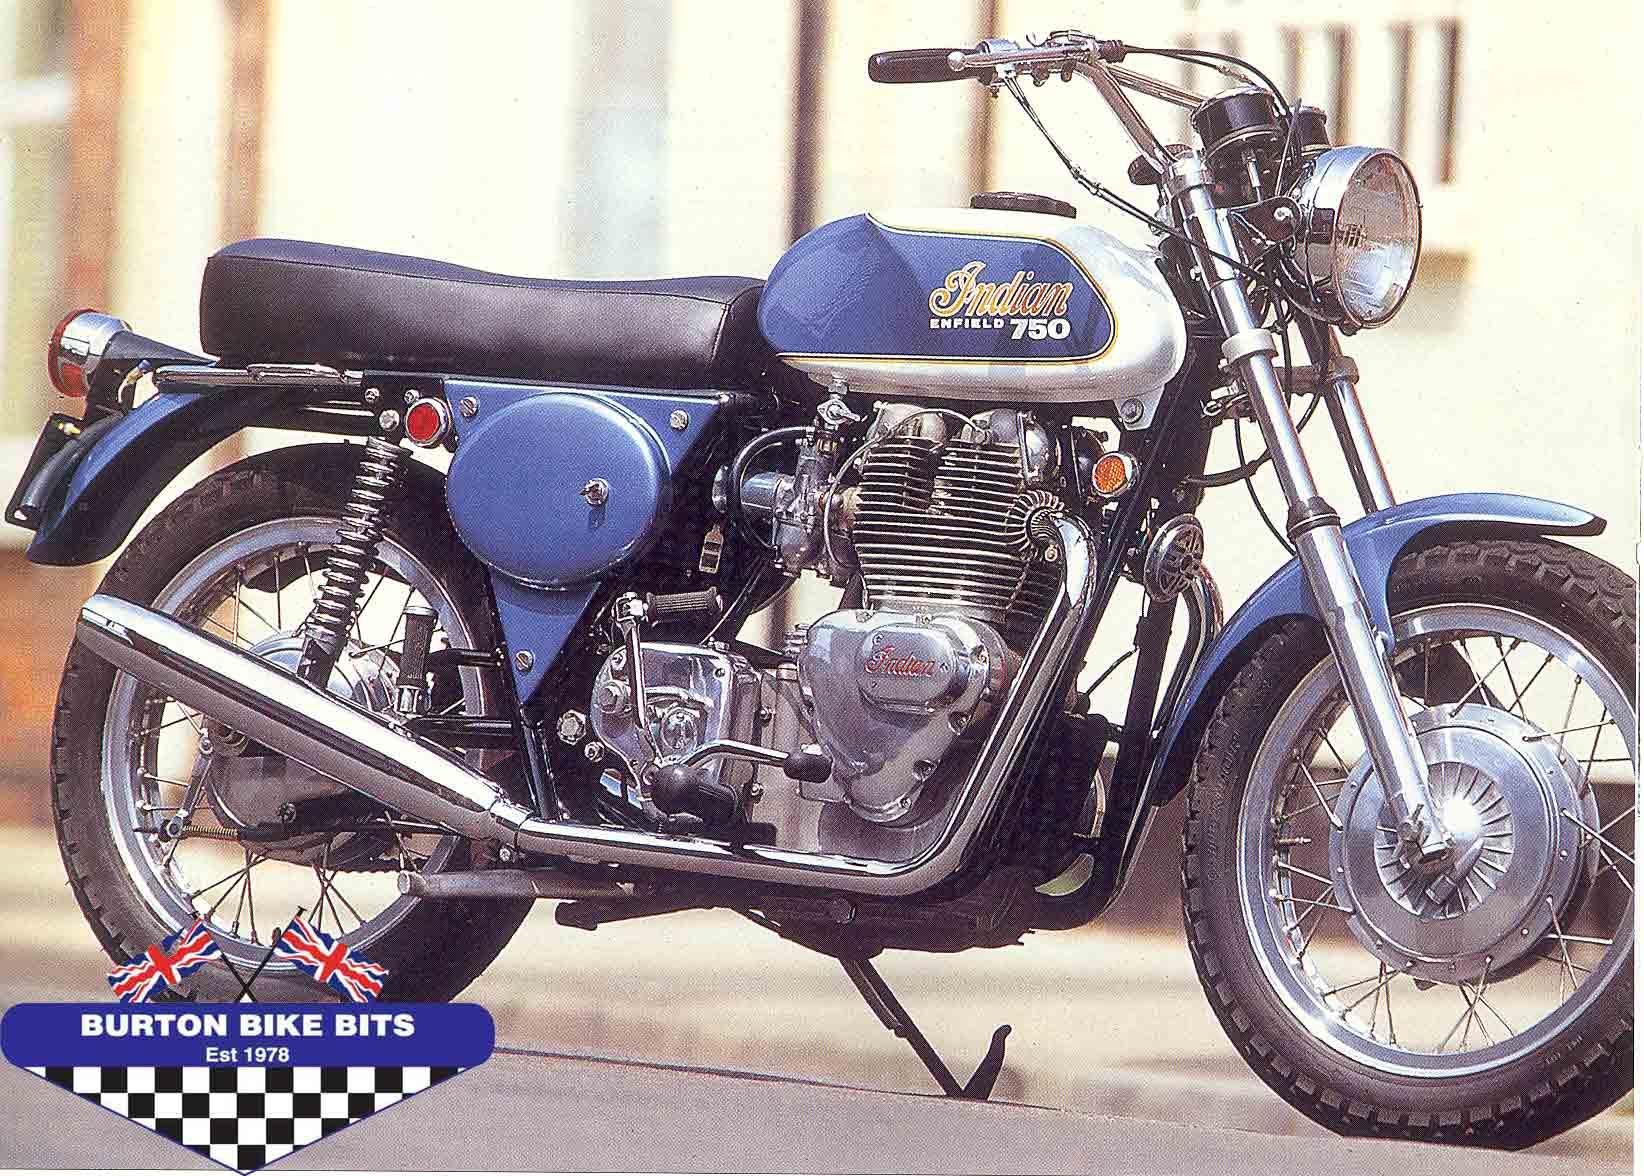 Print Page Interesting Motorcycle Photos 1970 Honda 75cc